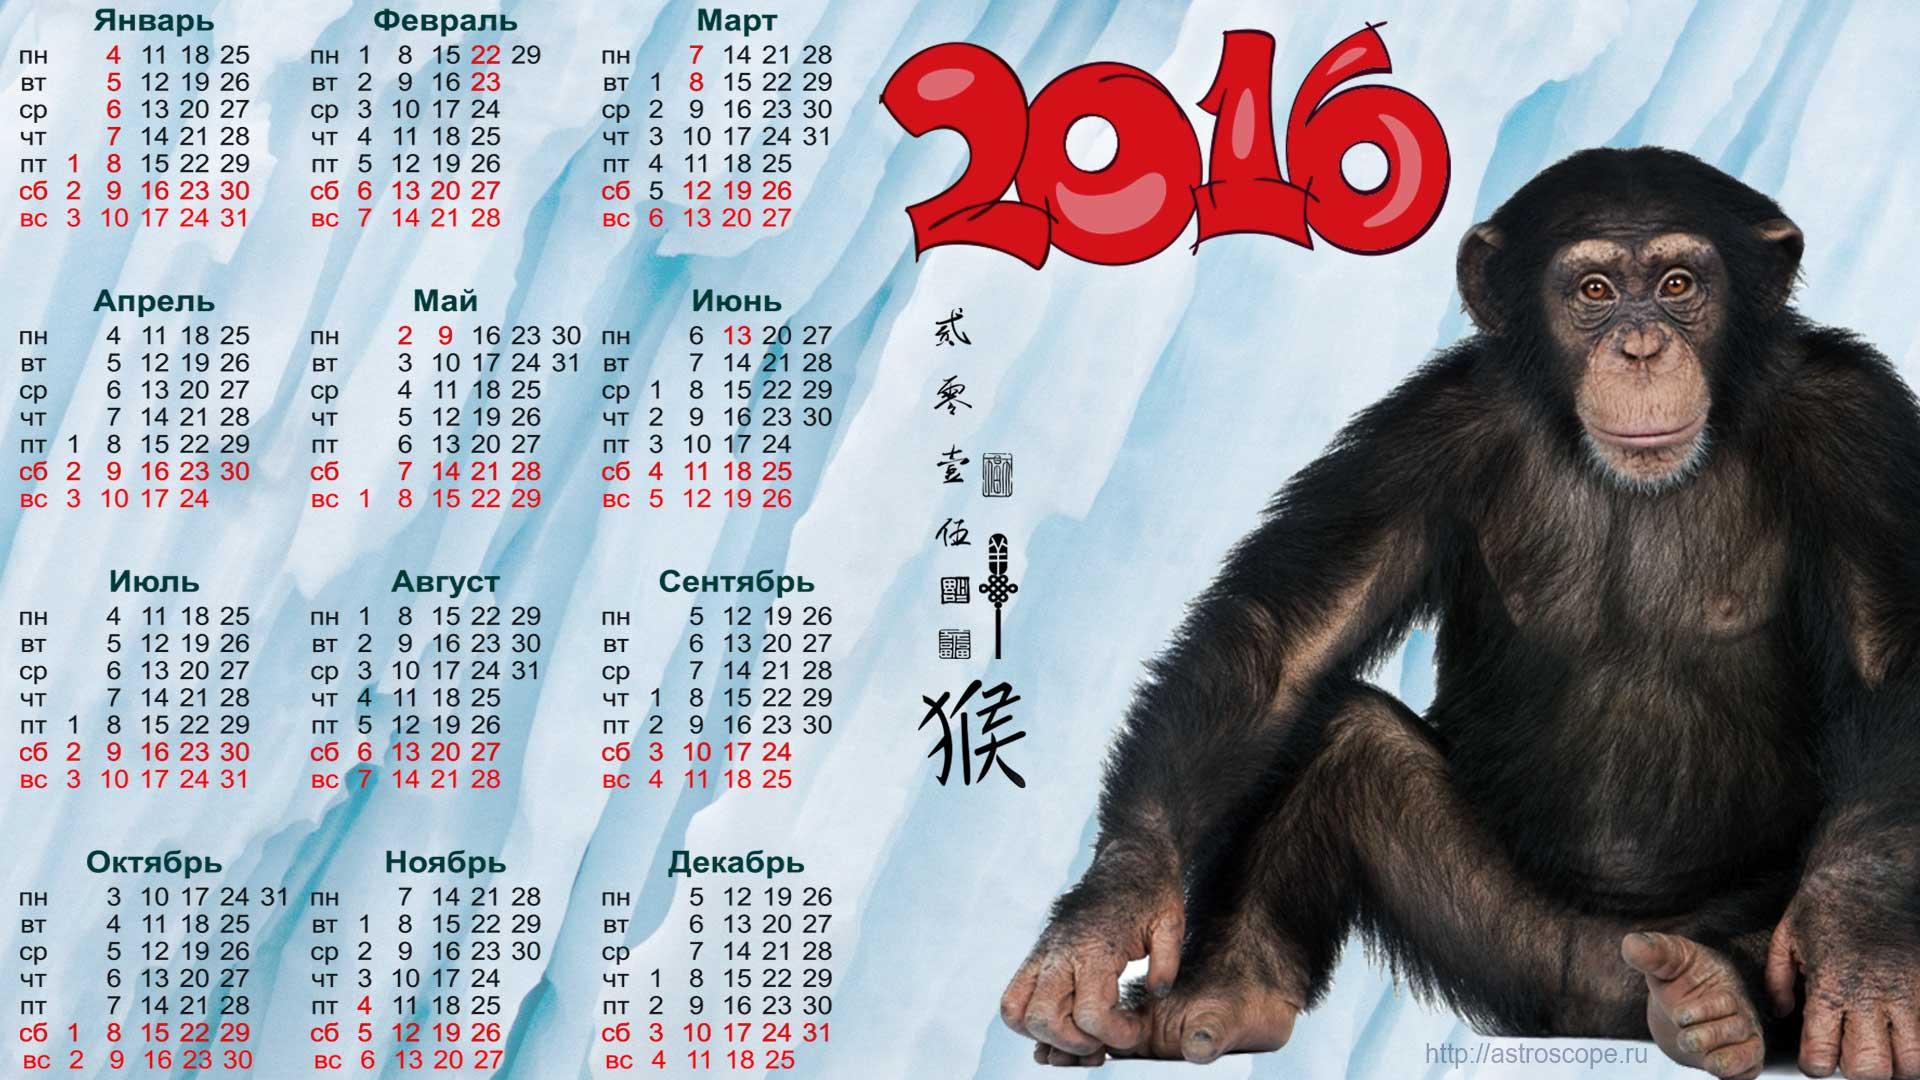 Праздники нового года в разных странах